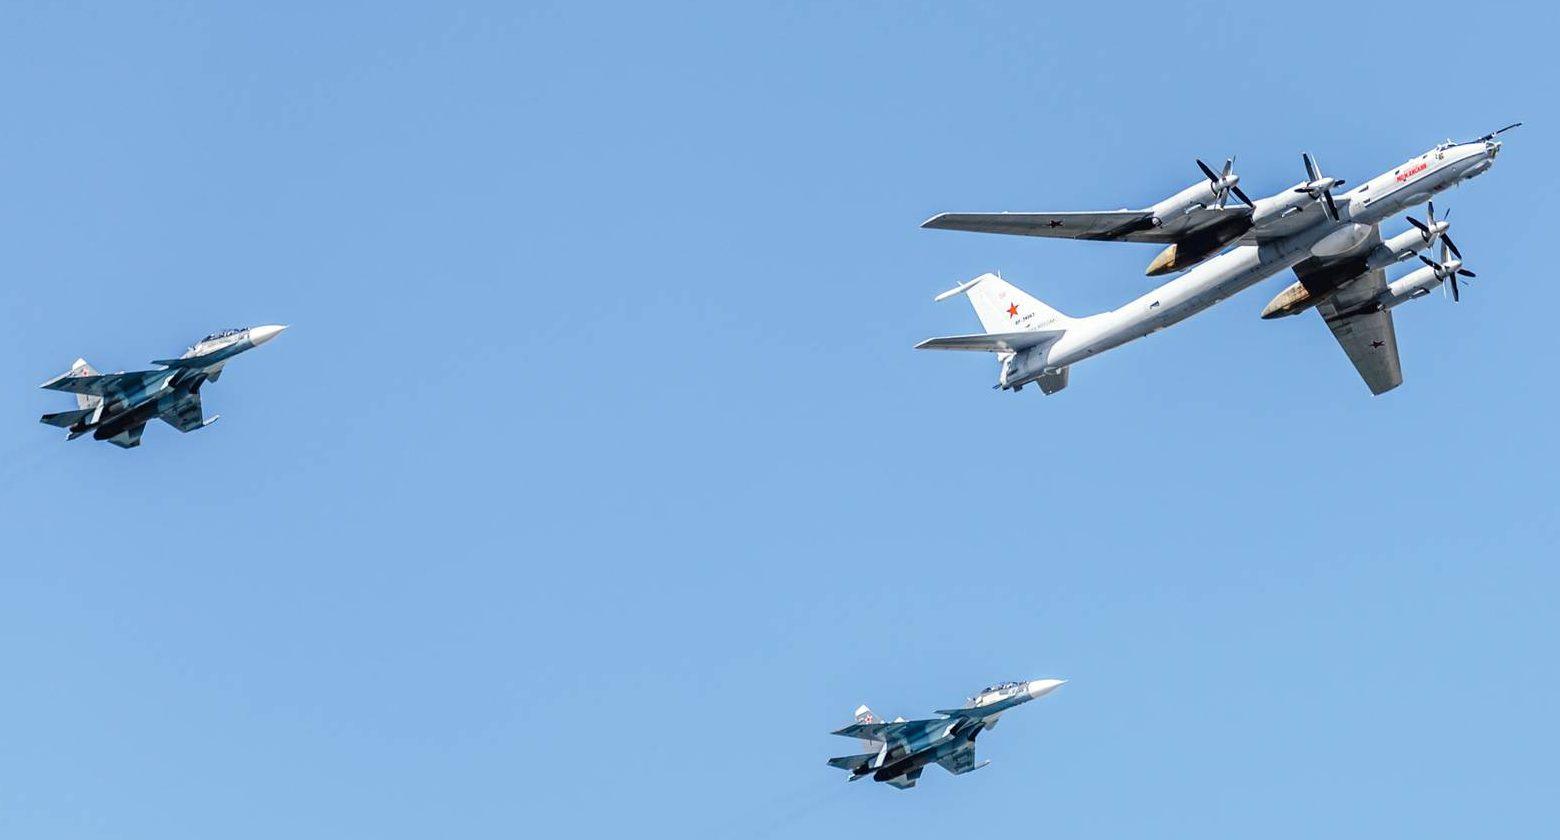 Пролет самолетов на День ВМФ России в Санкт-Петербурге